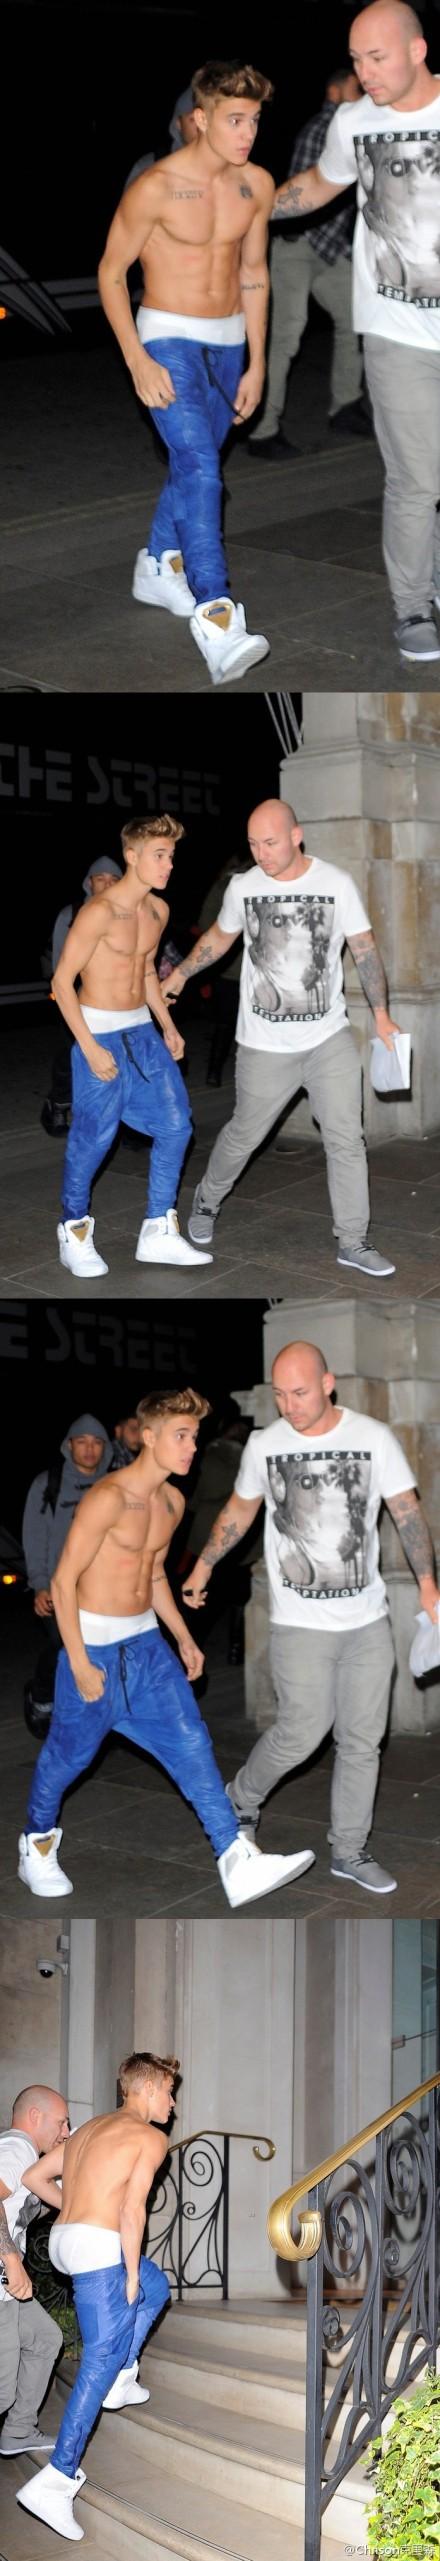 Justin Bieber今天迎来19岁生日,以往他最被大家吐槽的就是缺乏男性魅力。这回穿着招牌吊裆裤的他,半裸上身出现在家门口,展现非比寻常肌肉特质。外裤约等于没穿,别人都是露内裤边,有胆就像比宝一样背面全露!直到这一刻我们才发现,那个爱喝奶的大B宝终于长大啦!